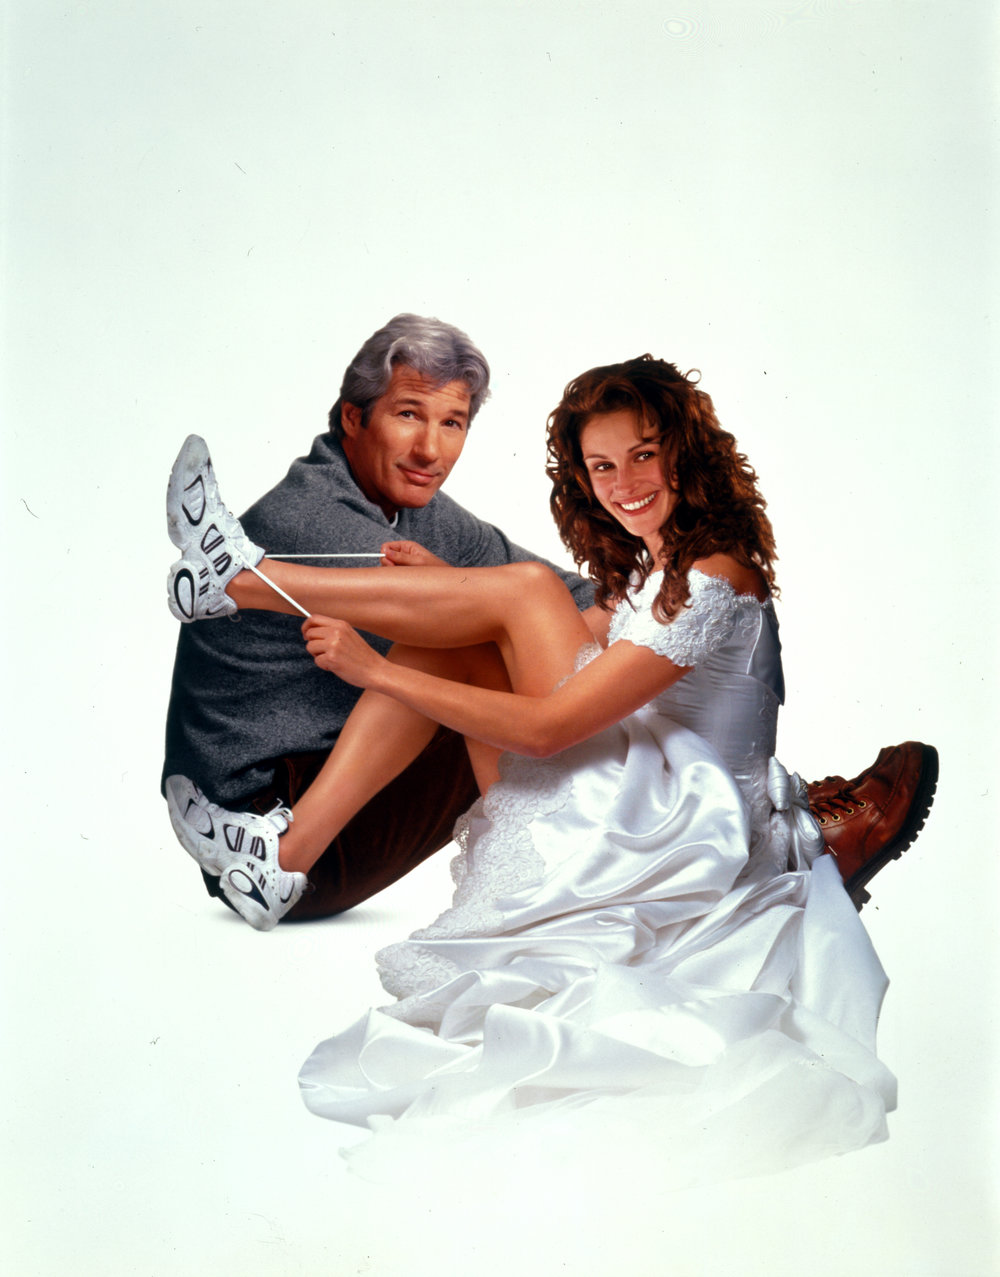 נעלי ריצה לבנות, גם אם את לא מתכוונת לברוח מהחופה. ג׳וליה רוברטס וריצ׳רד גיר מתאחדים בסרט ״תפוס את הכלה״ (צילום: באדיבות yes)